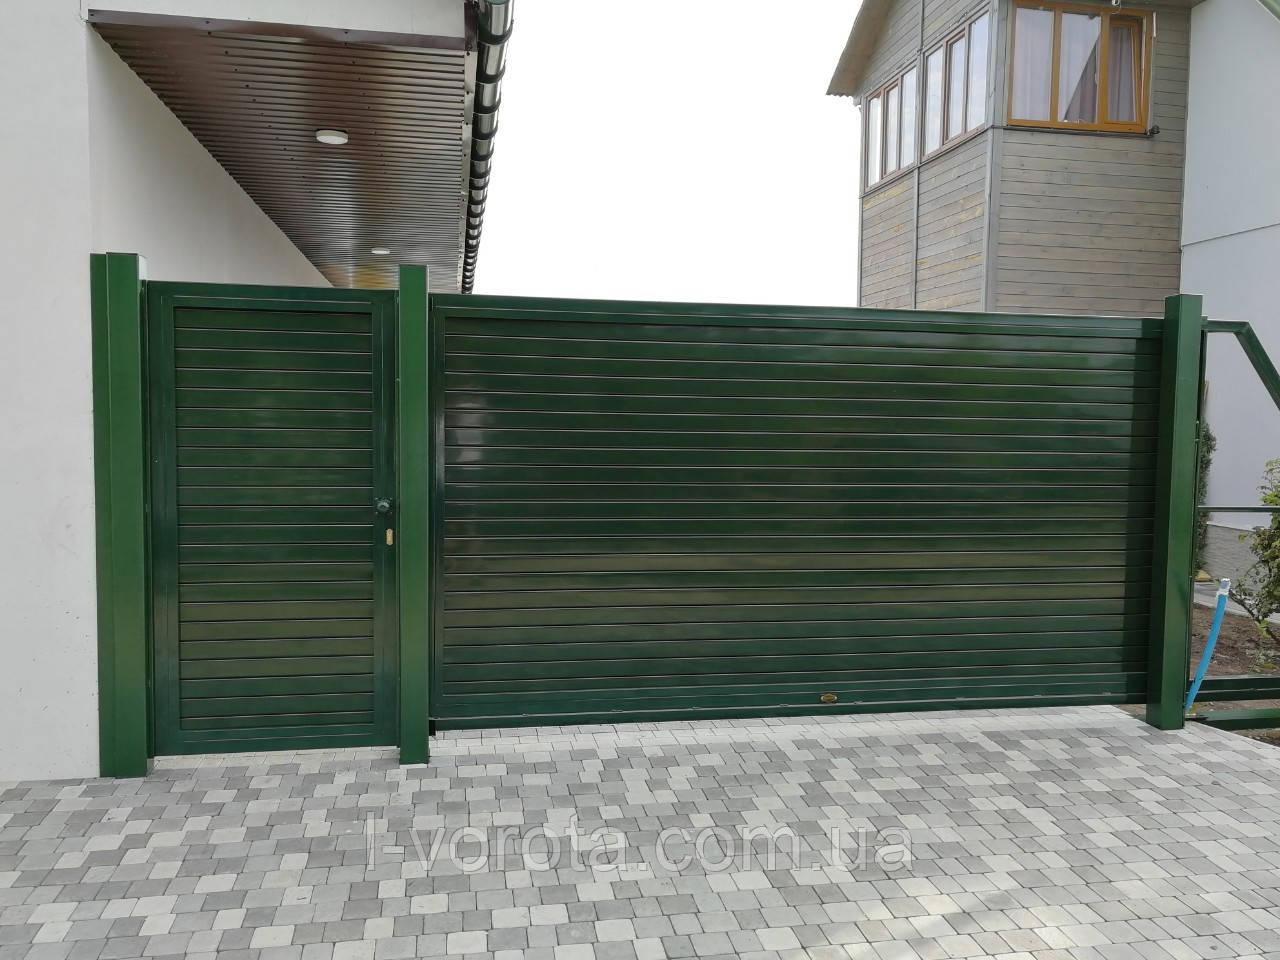 Откатные (сдвижные) ворота ТМ Хардвик ш3500, в2100 (дизайн стандарт)